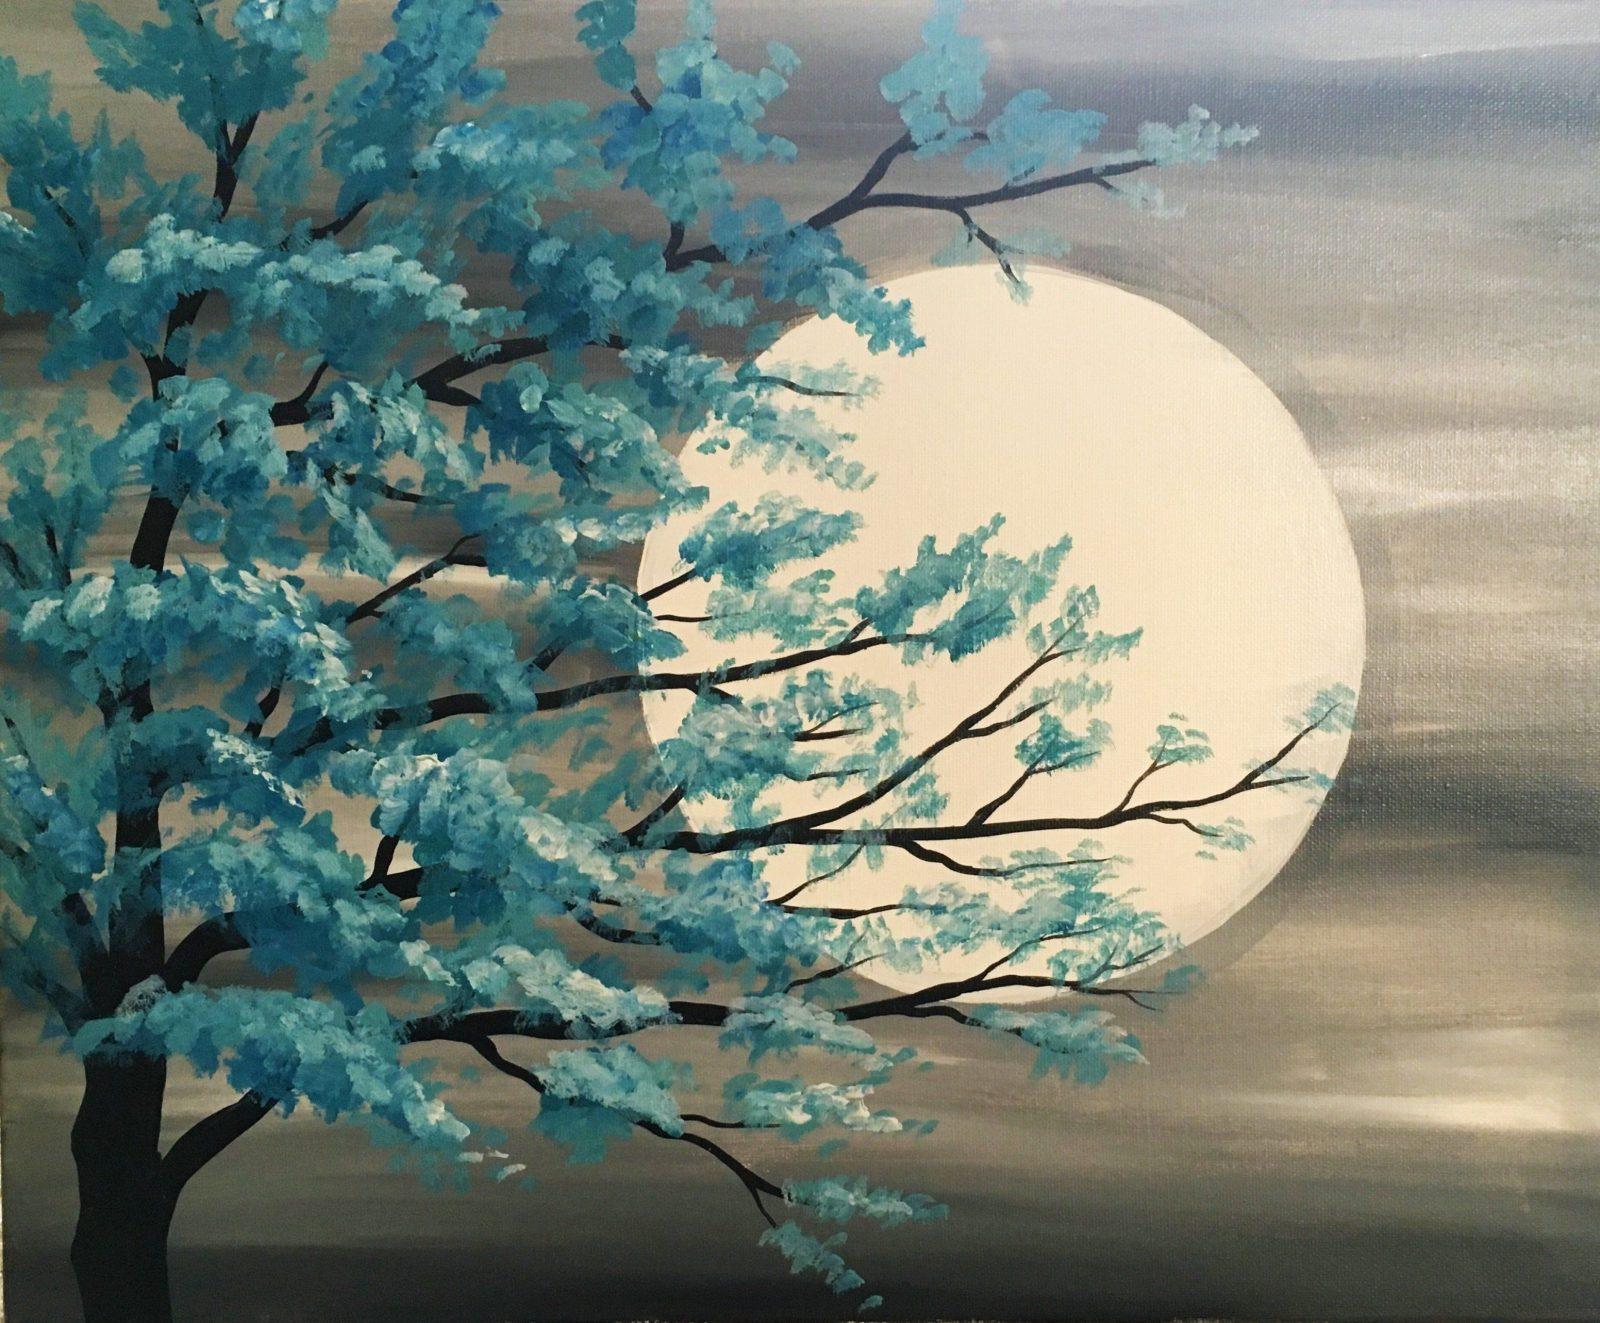 Afficher L'image Source  Fleurs  Pinterest  Acryl Malen Und Zeichnen von Acrylbilder Selber Malen Ideen Bild